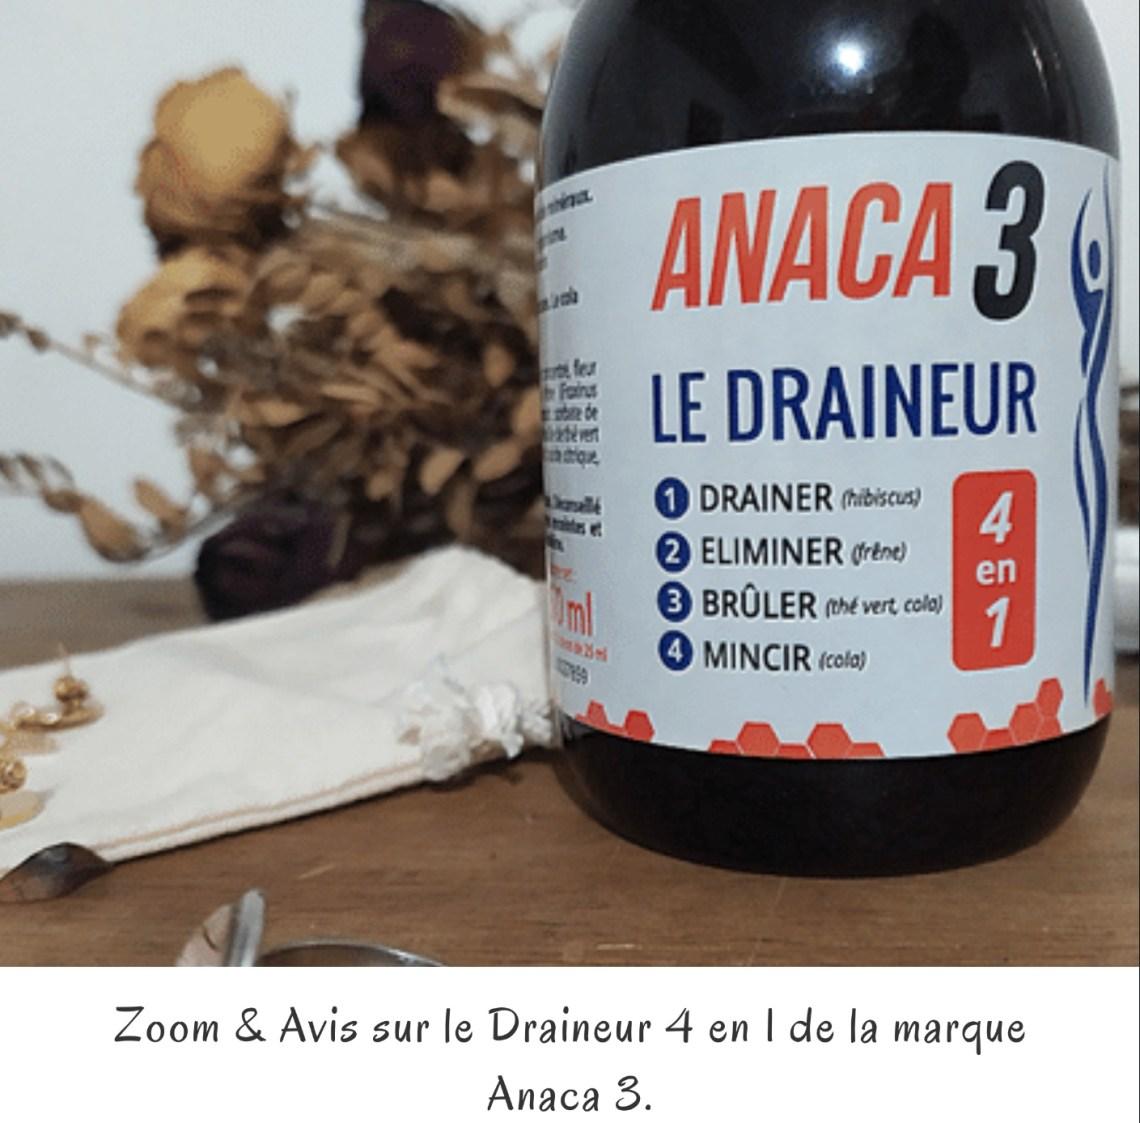 Zoom & Avis sur le Draineur 4 en 1 de la marque Anaca 3.